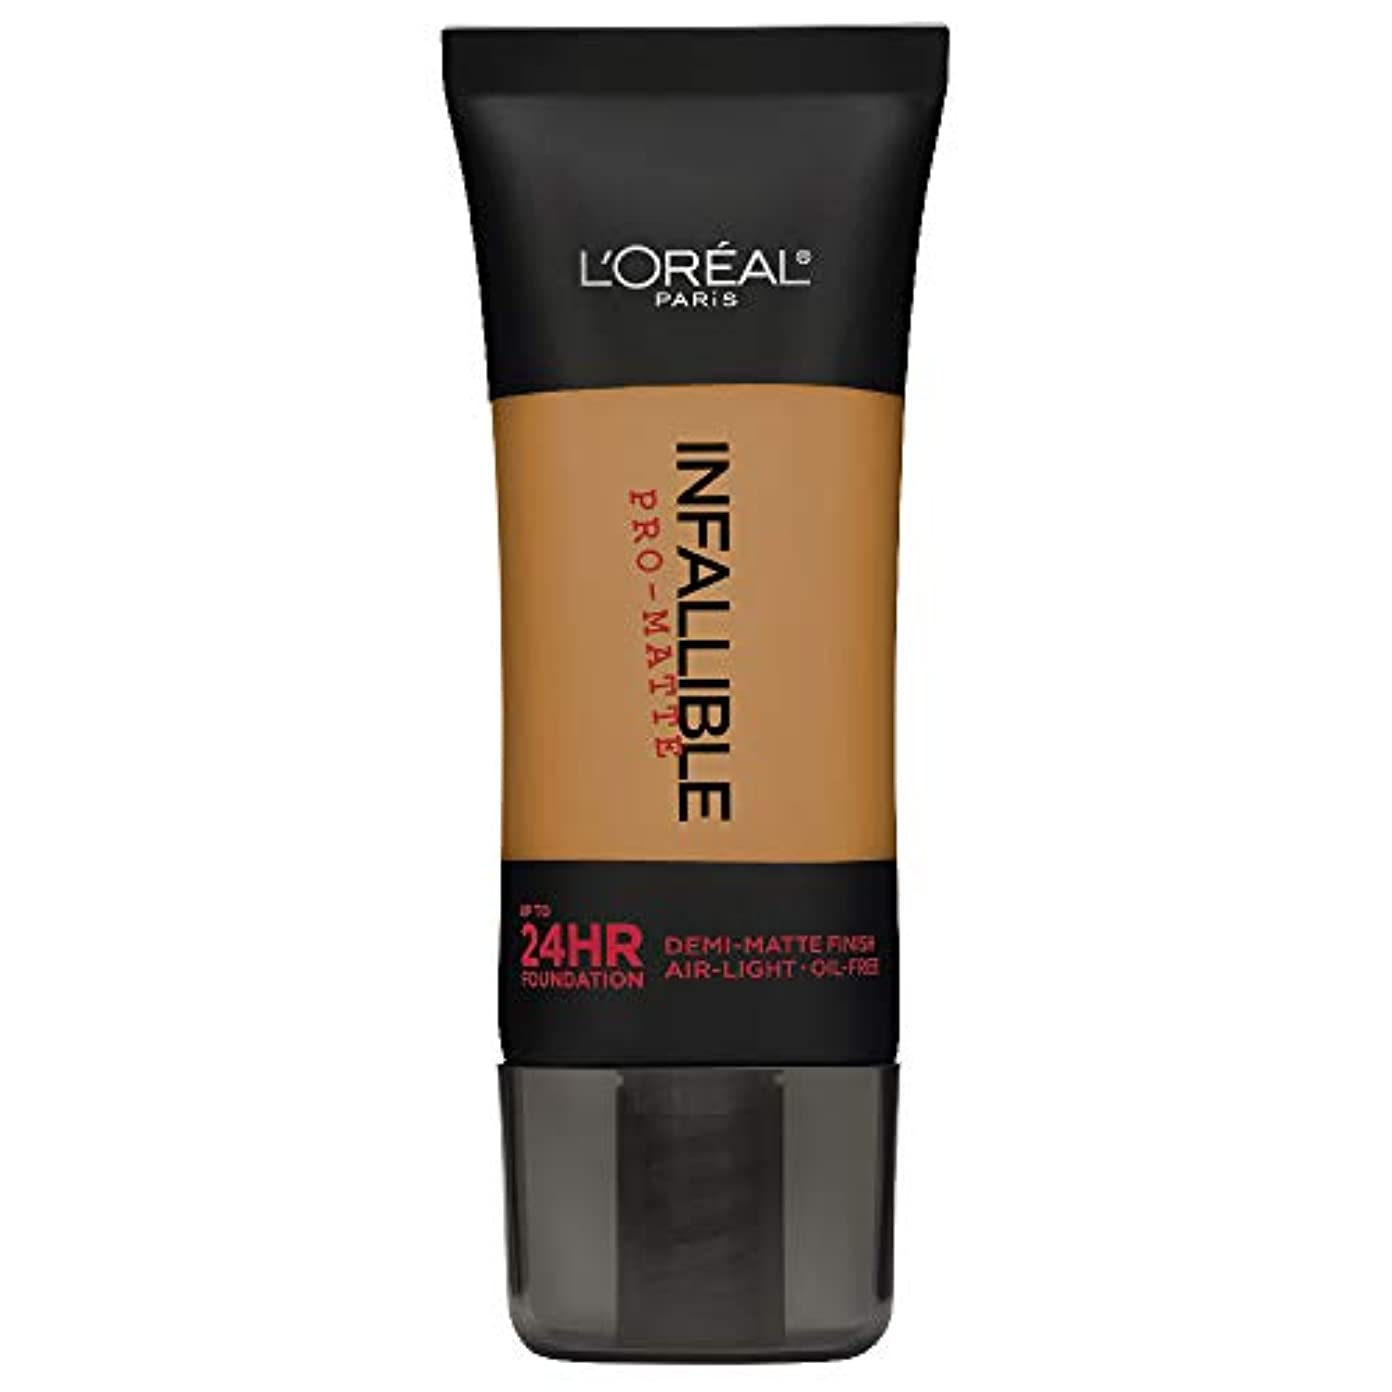 見える漂流落胆するL'Oreal Paris Infallible Pro-Matte Foundation Makeup, 111 Soft Sable, 1 fl. oz[並行輸入品]